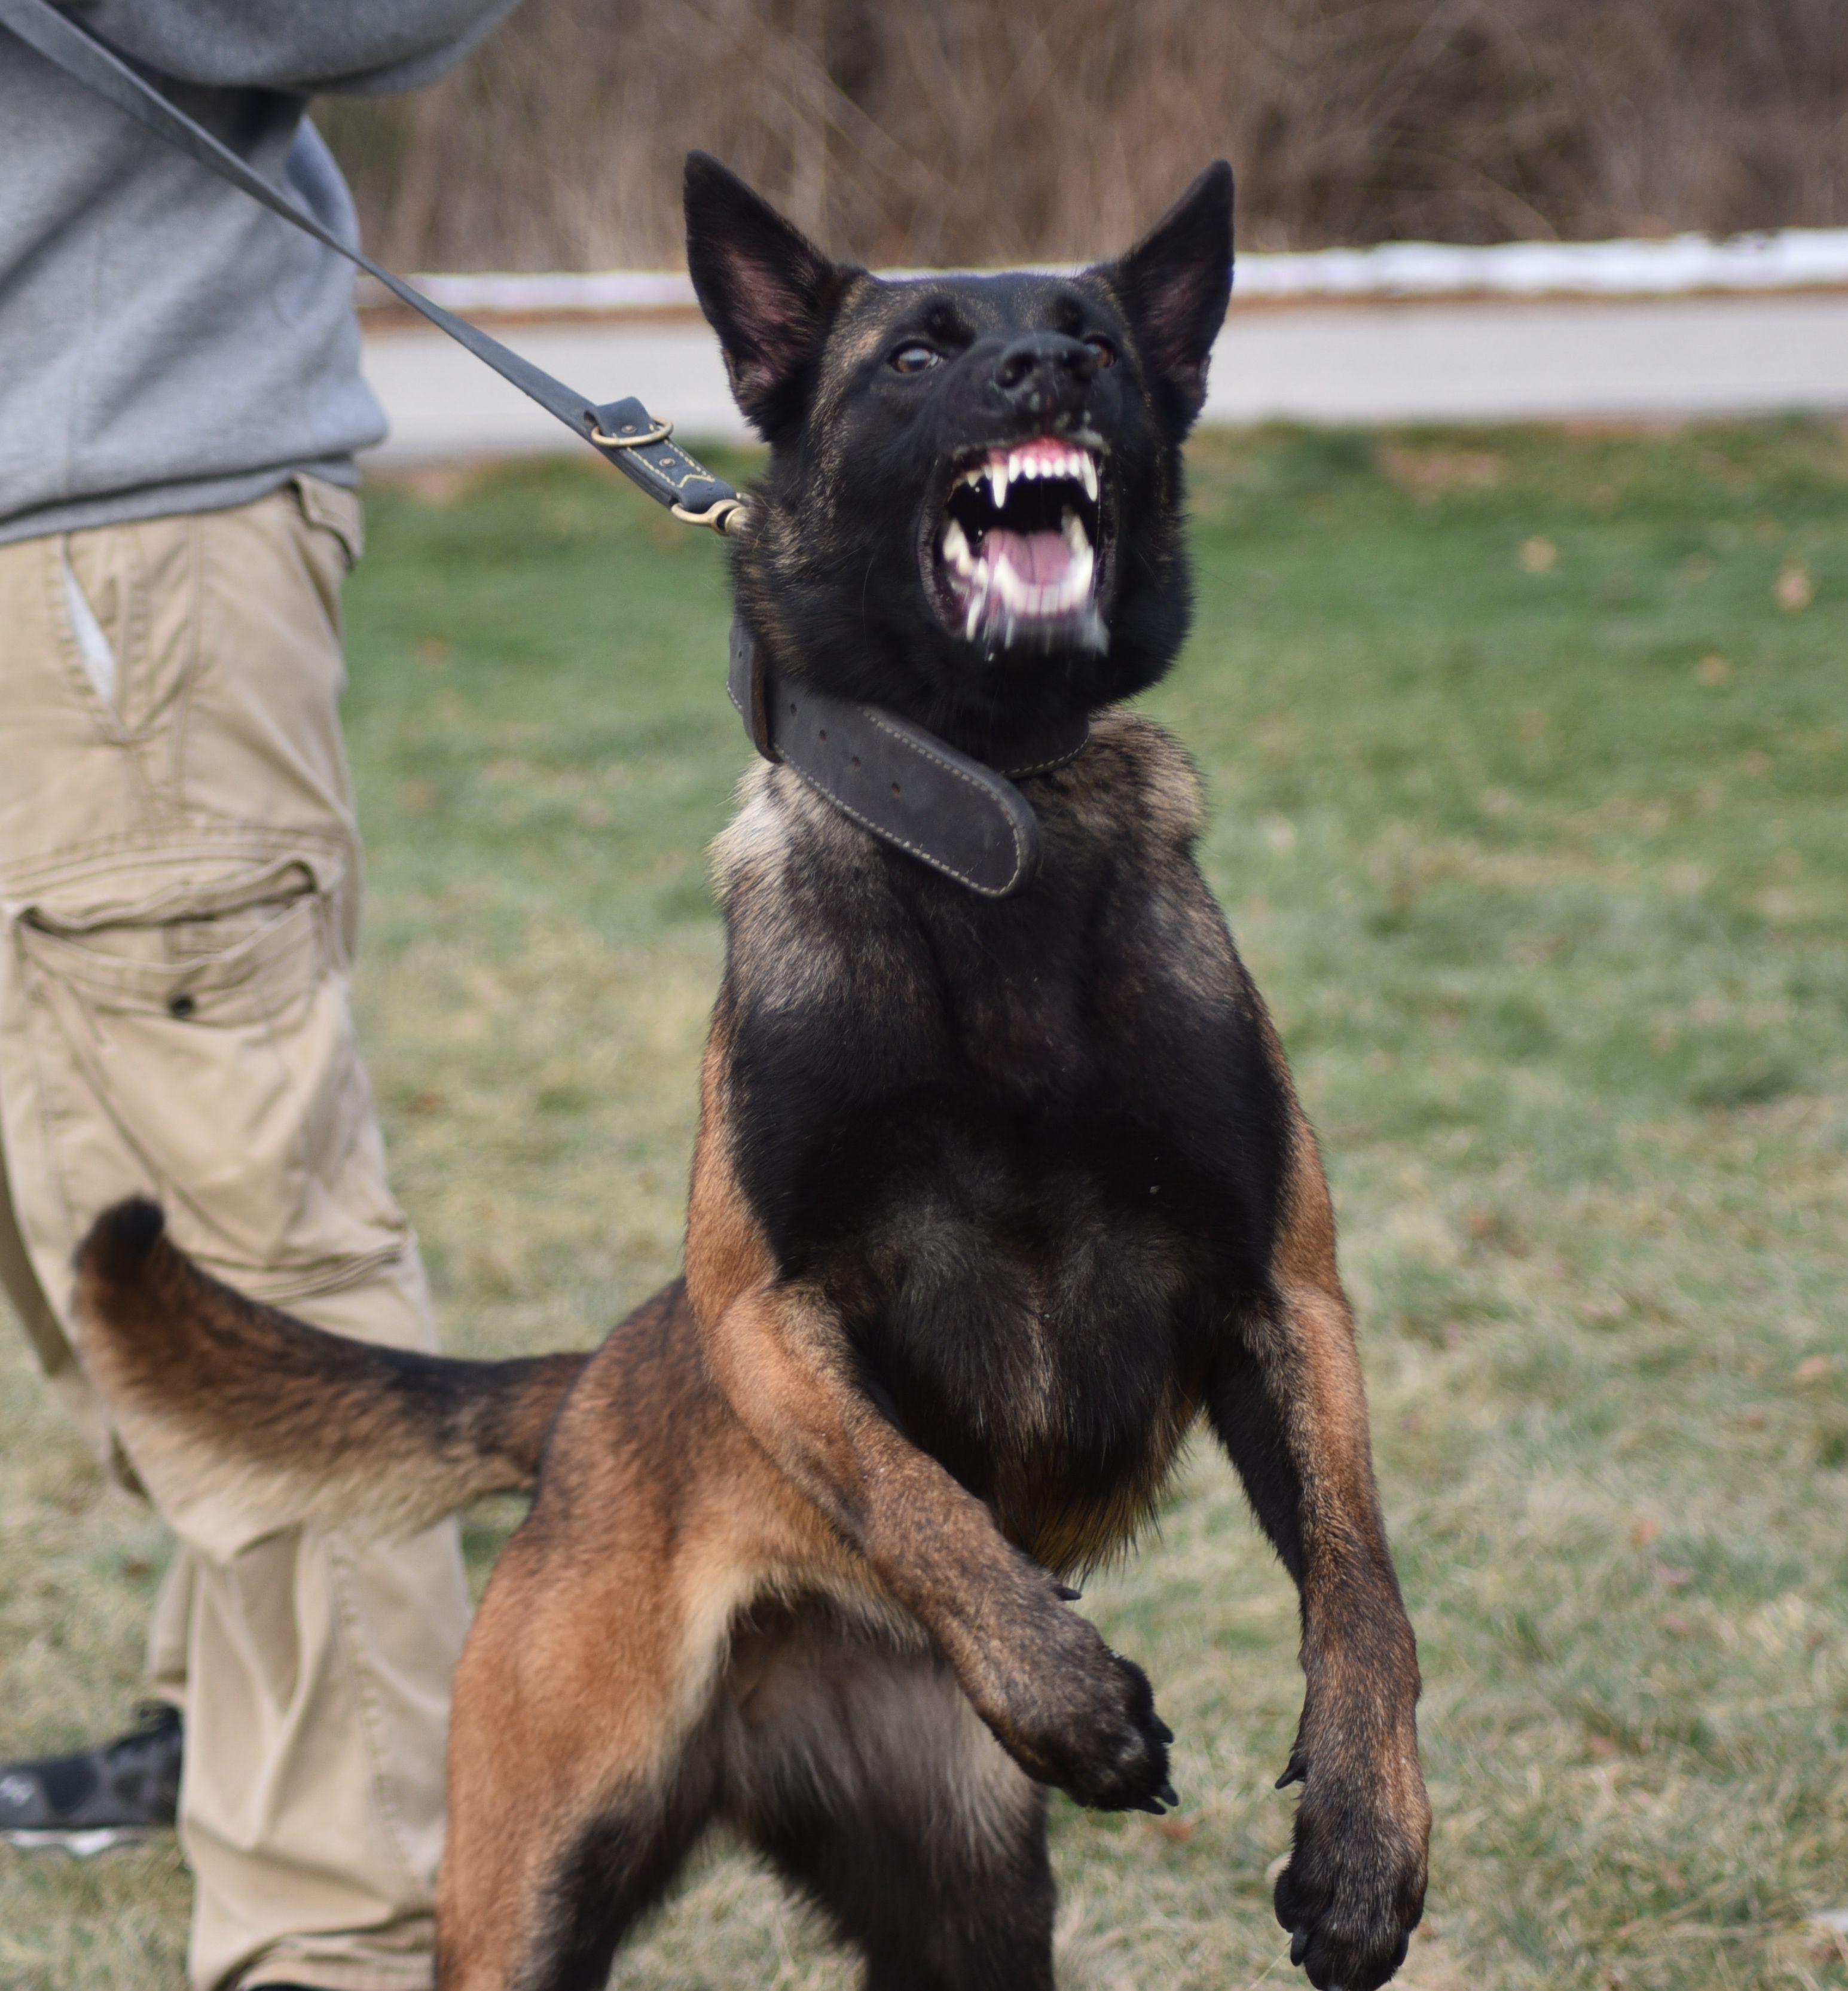 Best Dog Training Techniques Dogtraining101 Howtotrainapuppy Belgian Malinois Dog Malinois Dog Belgian Malinois Training